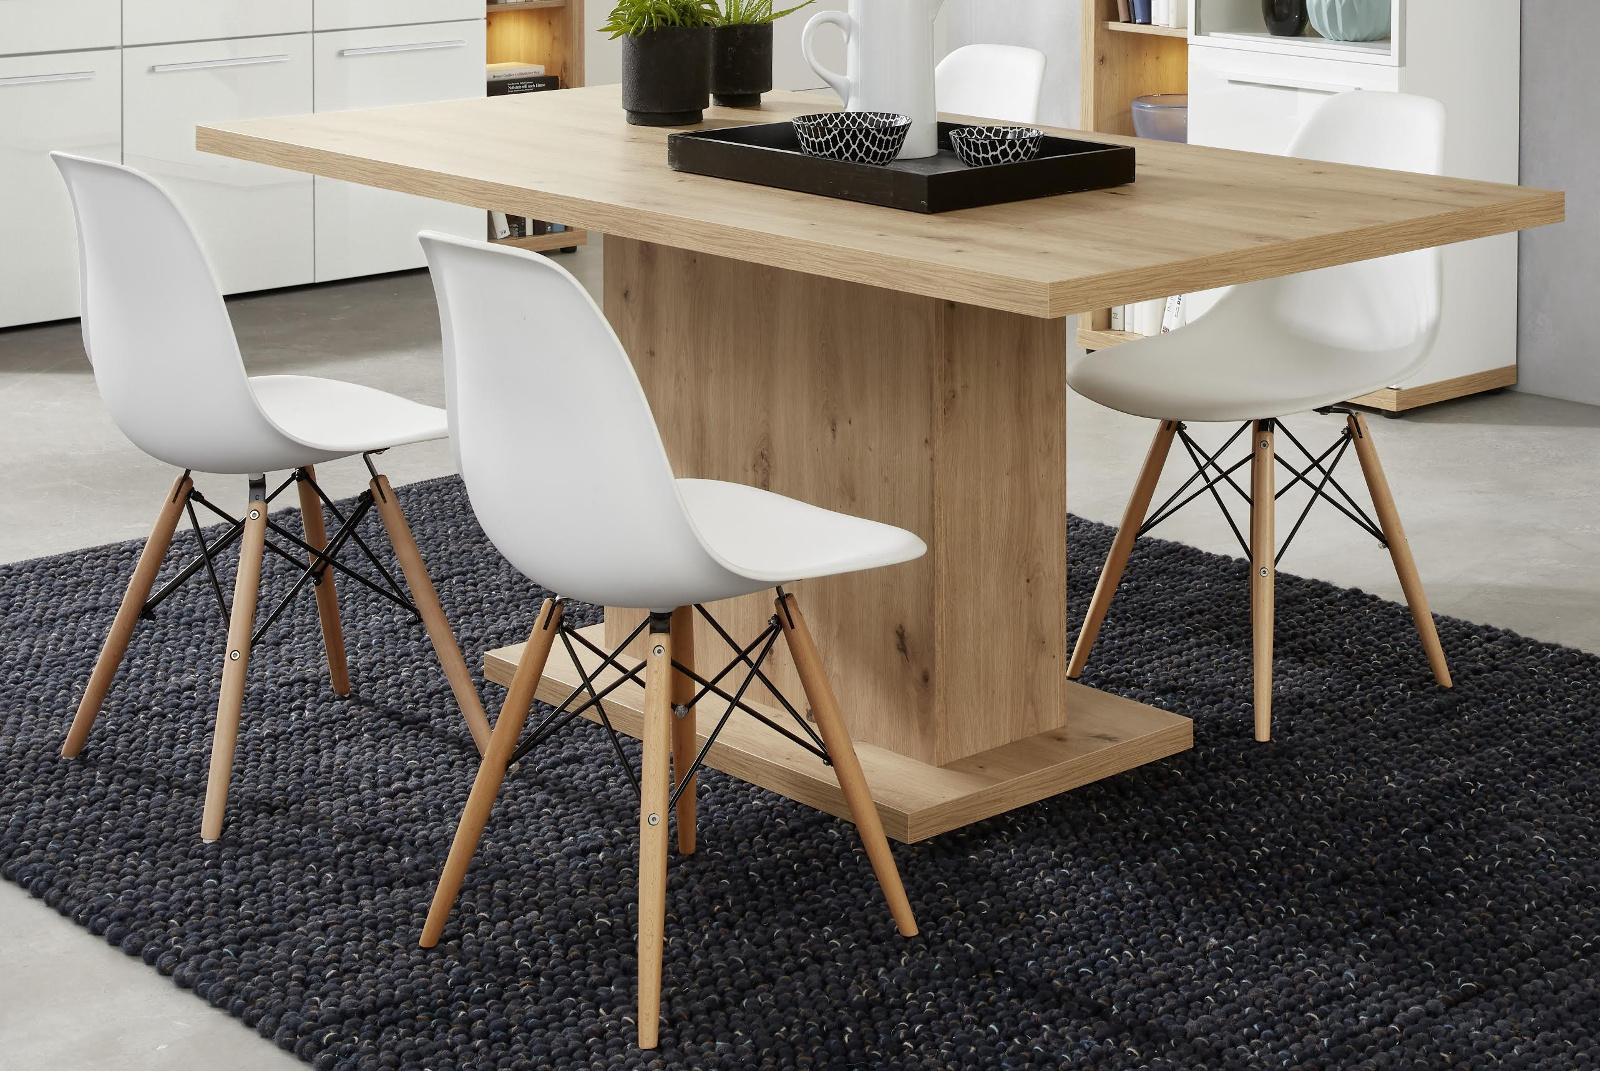 massivholz sideboard kiefer wei landhaus cottage1. Black Bedroom Furniture Sets. Home Design Ideas